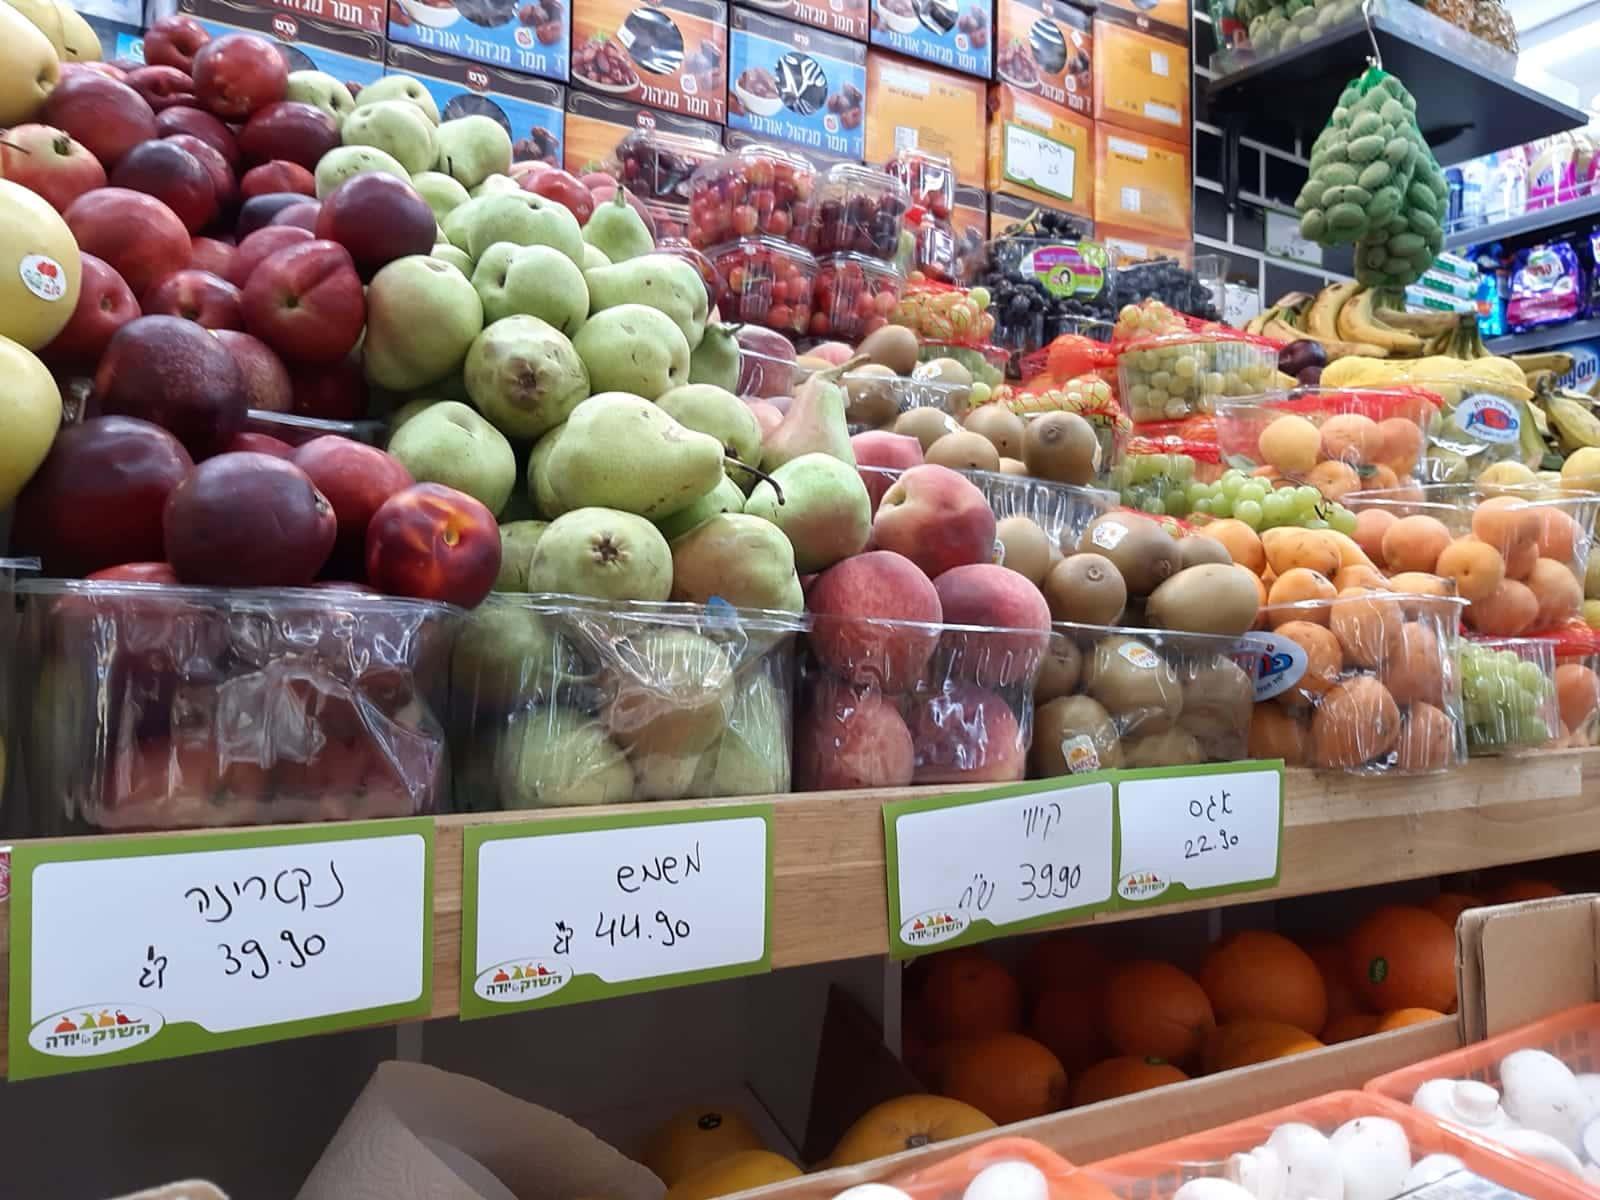 פירות בסופר בתל אביב. משמש ב-45 שקלים לקילו, נקטרינה ב-40. יוני 2021